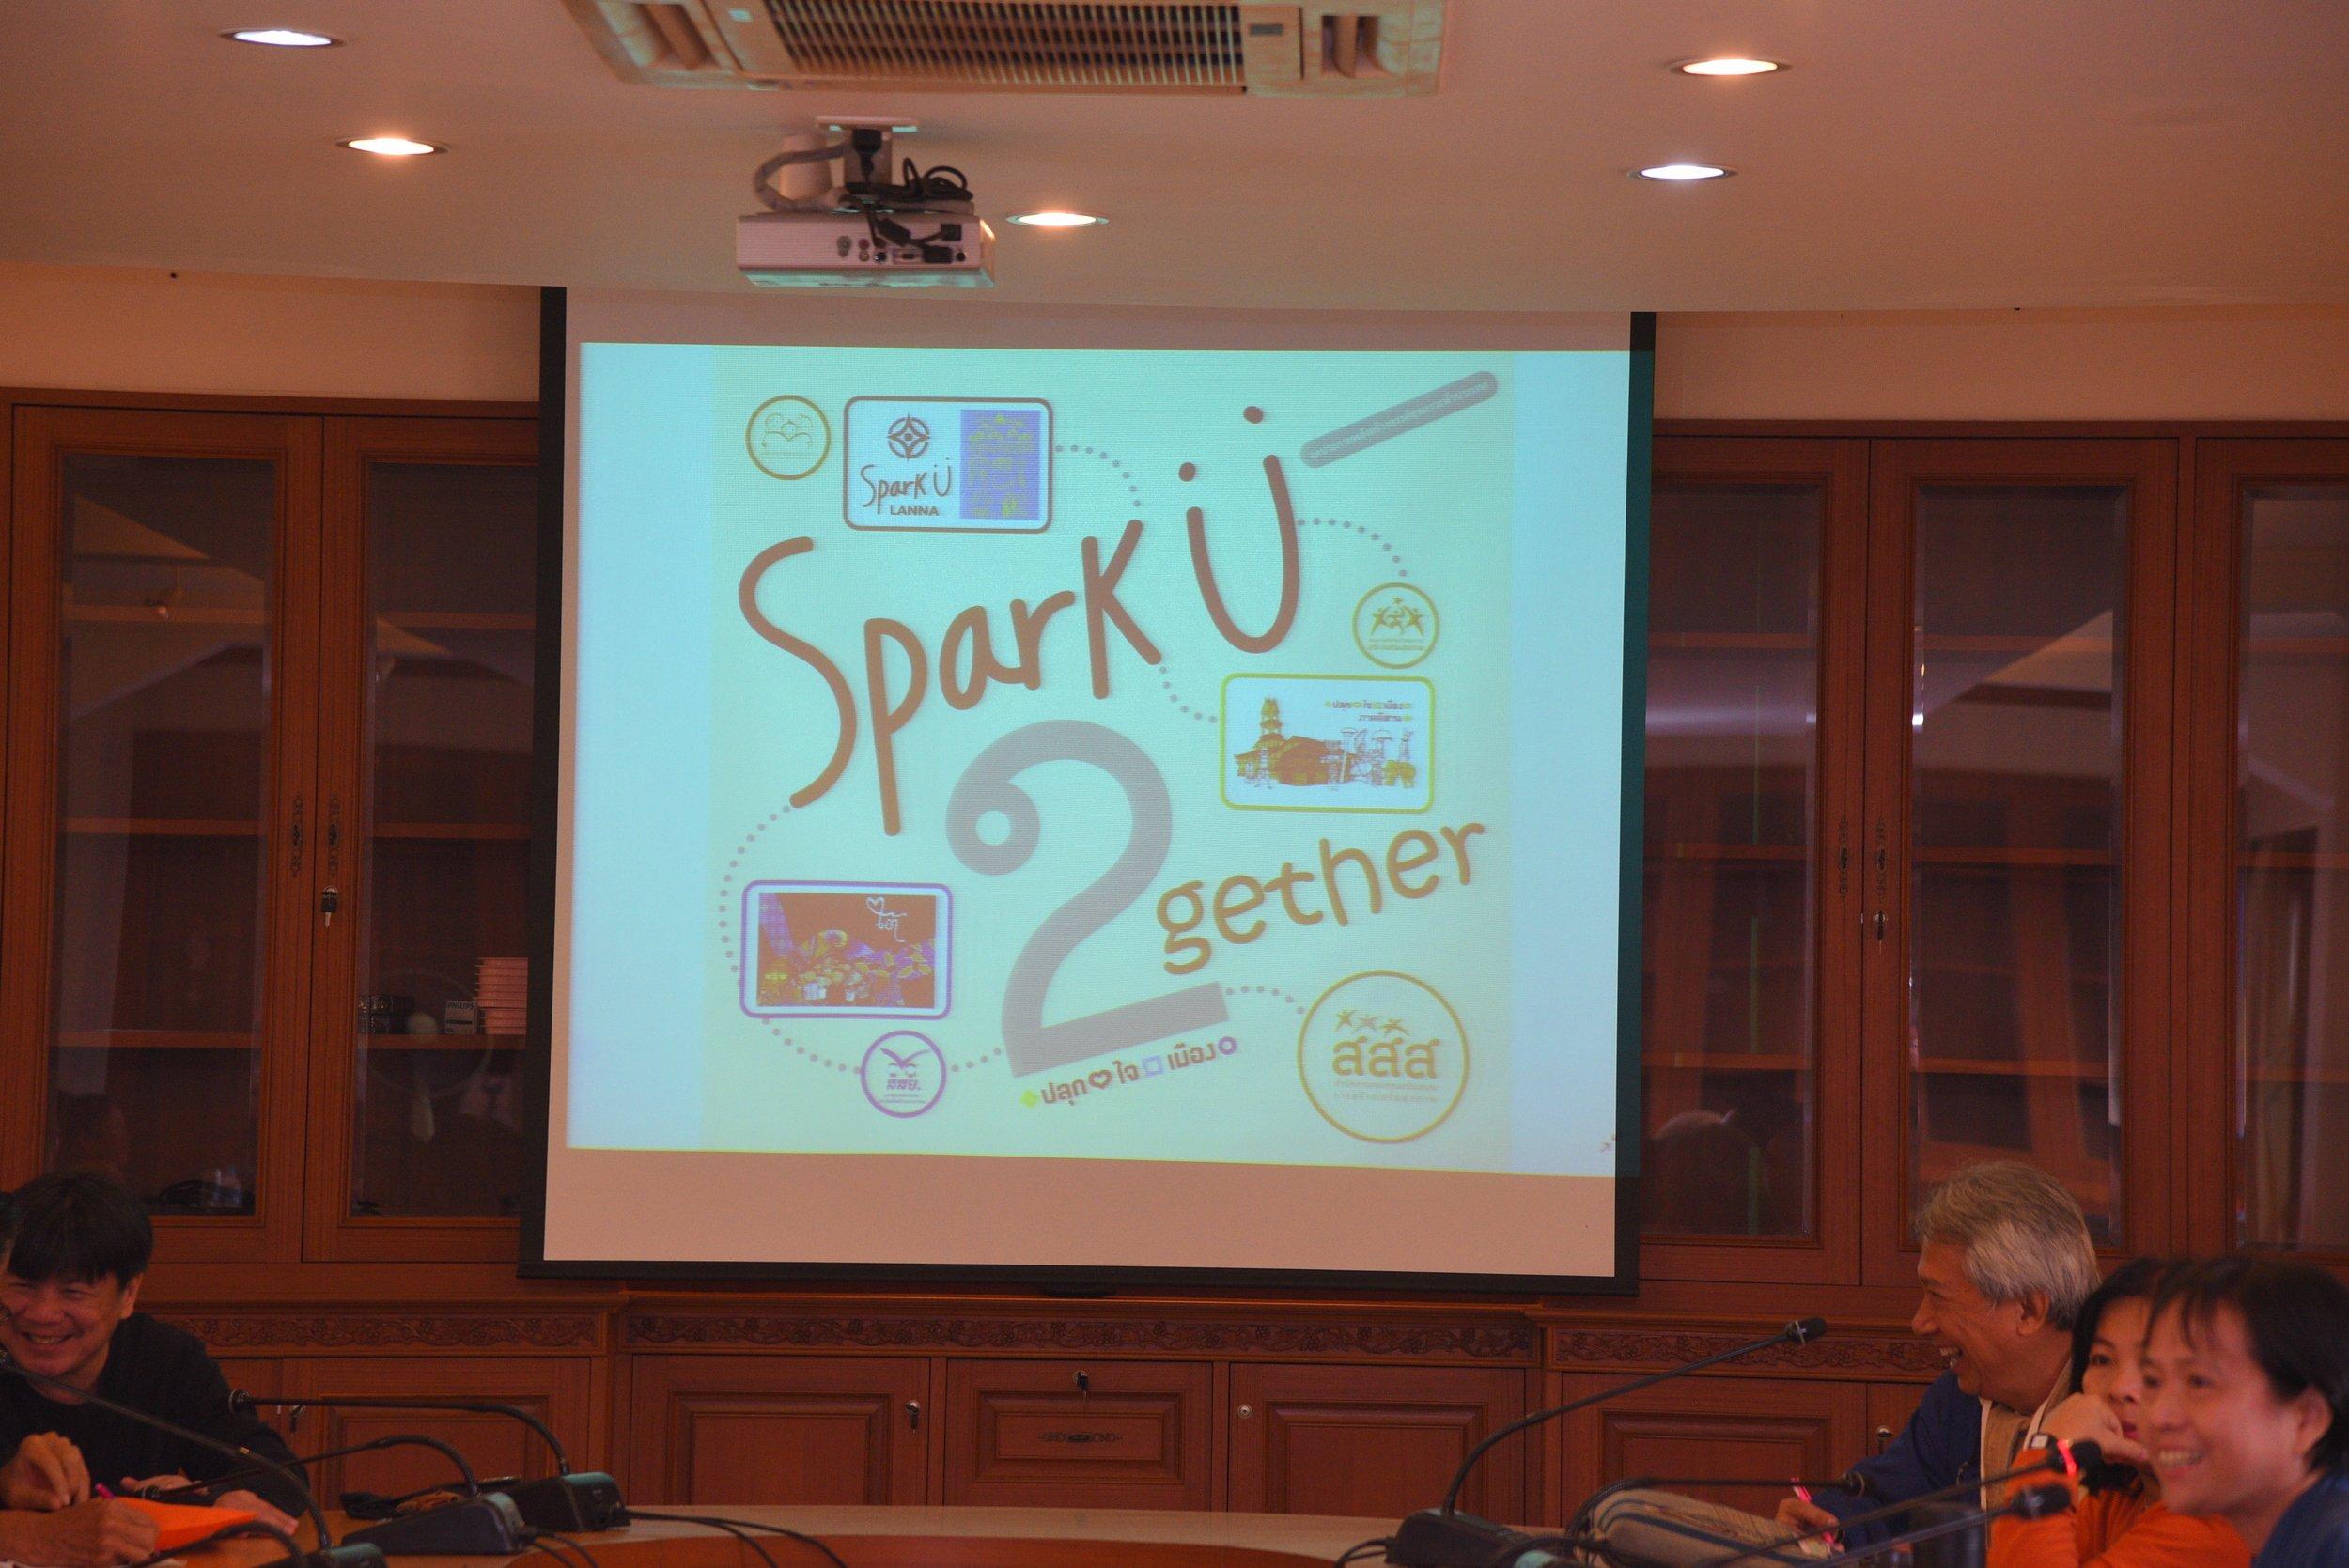 ฟื้น ใจ๋ เมืองล้านนา Spark U เชียงใหม่ พลังเปลี่ยนเมือง thaihealth